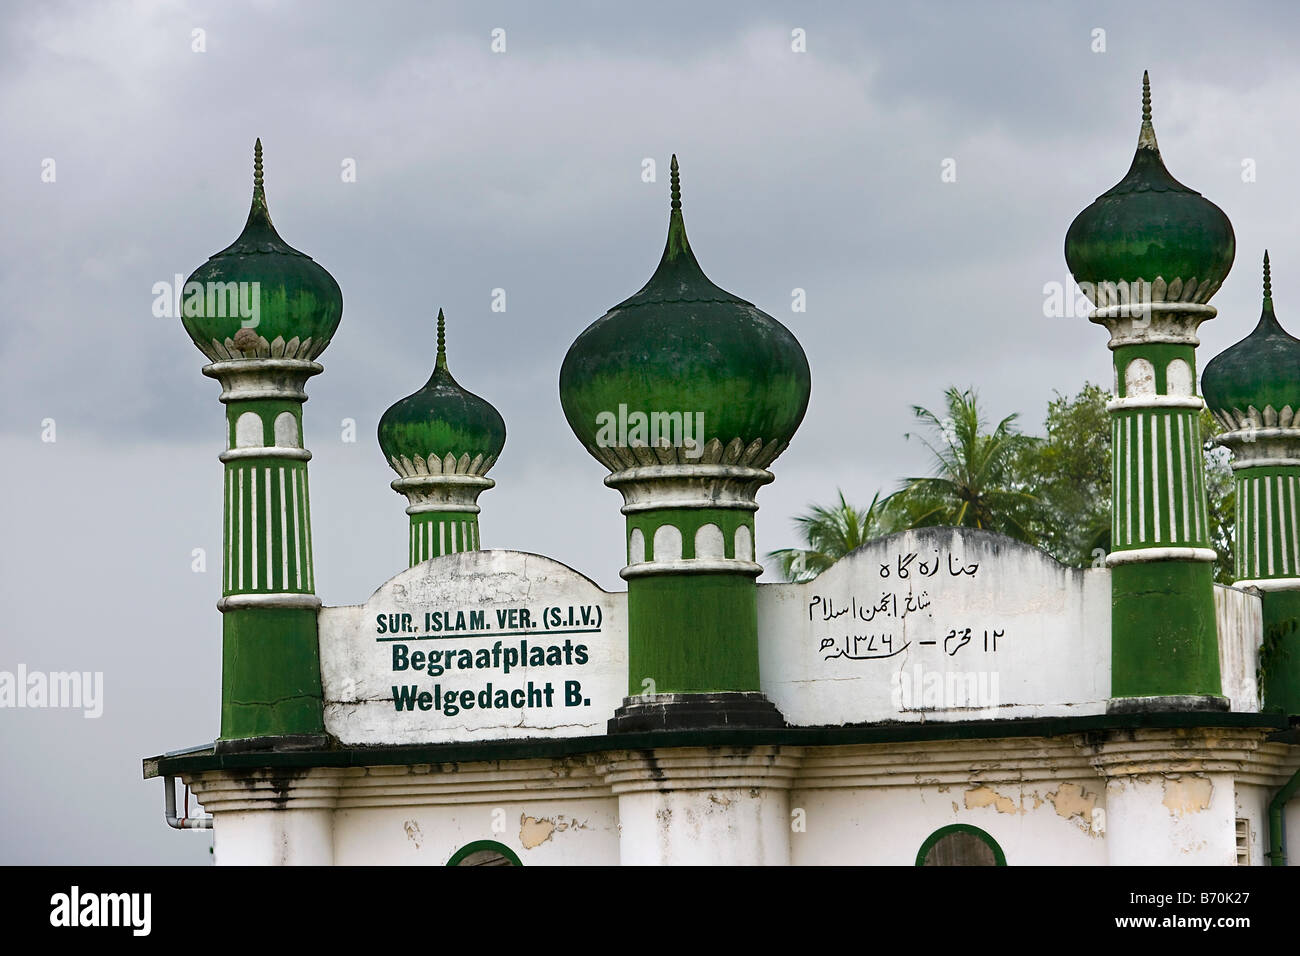 Suriname, Paramaribo, Islamic cemetery. - Stock Image